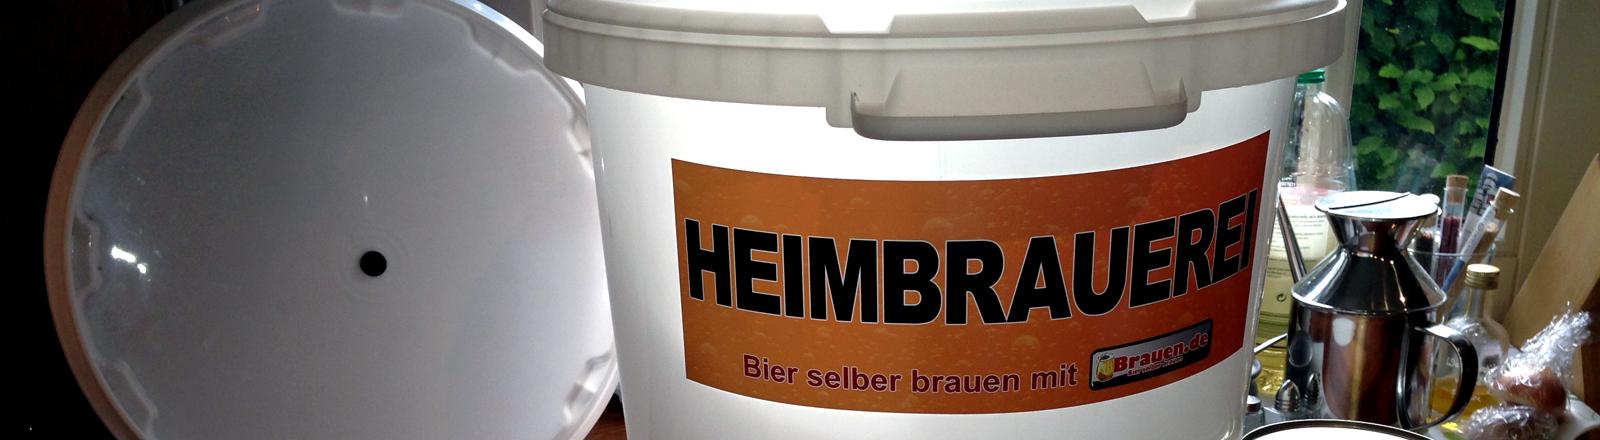 Bierbrauset für zu Hause